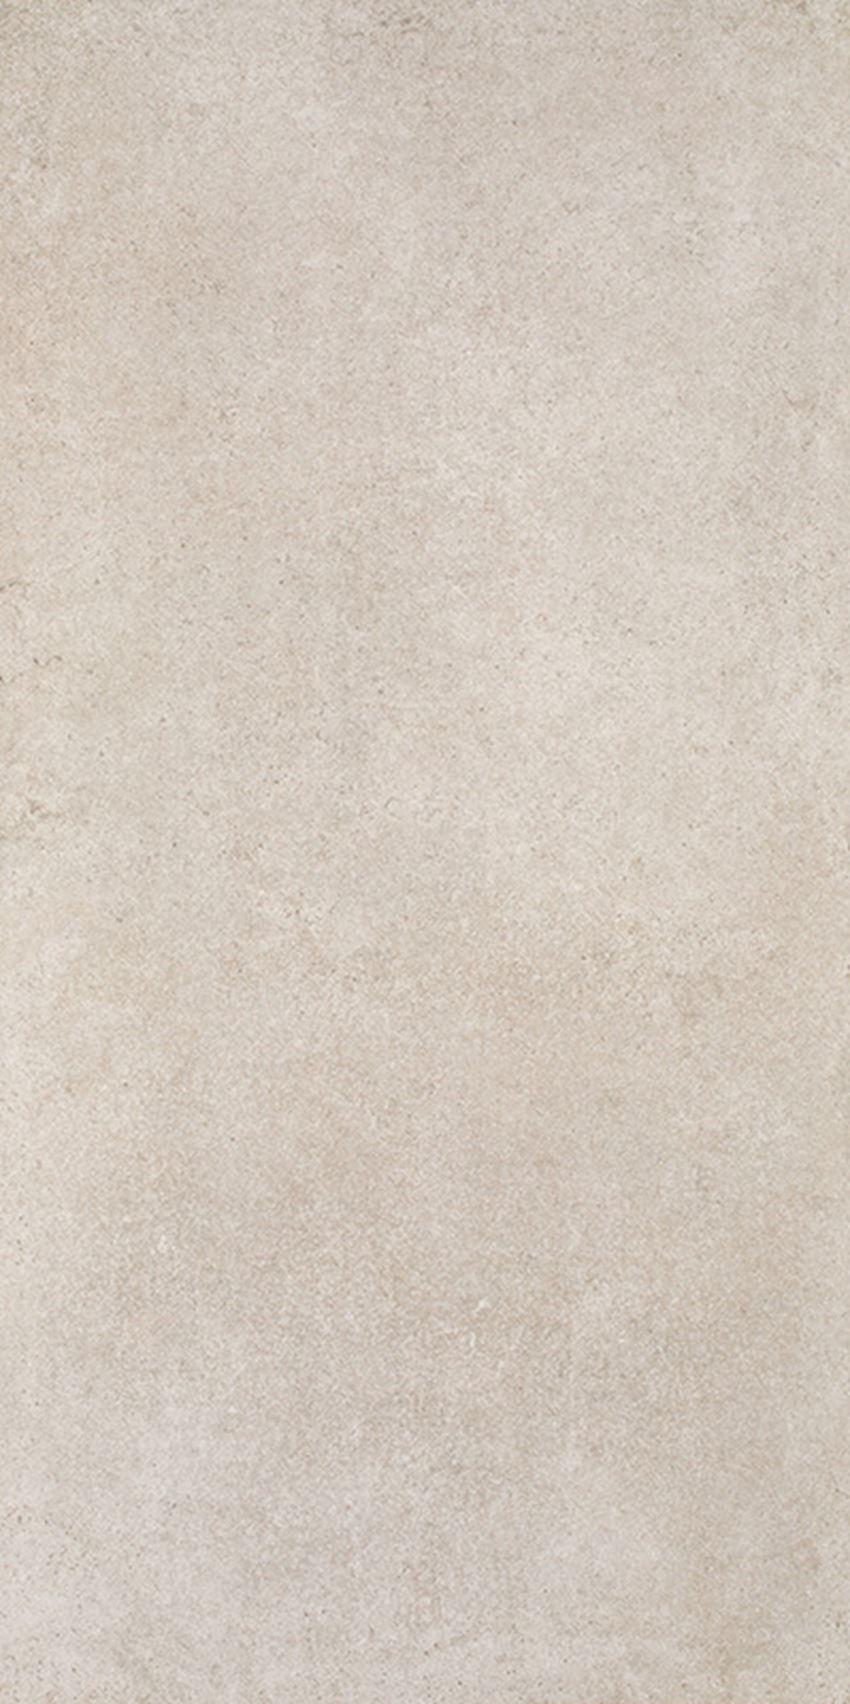 Płytka ścienno-podłogowa 59,8x119,8 cm Paradyż Riversand Beige Gres Szkl. Rekt. Mat